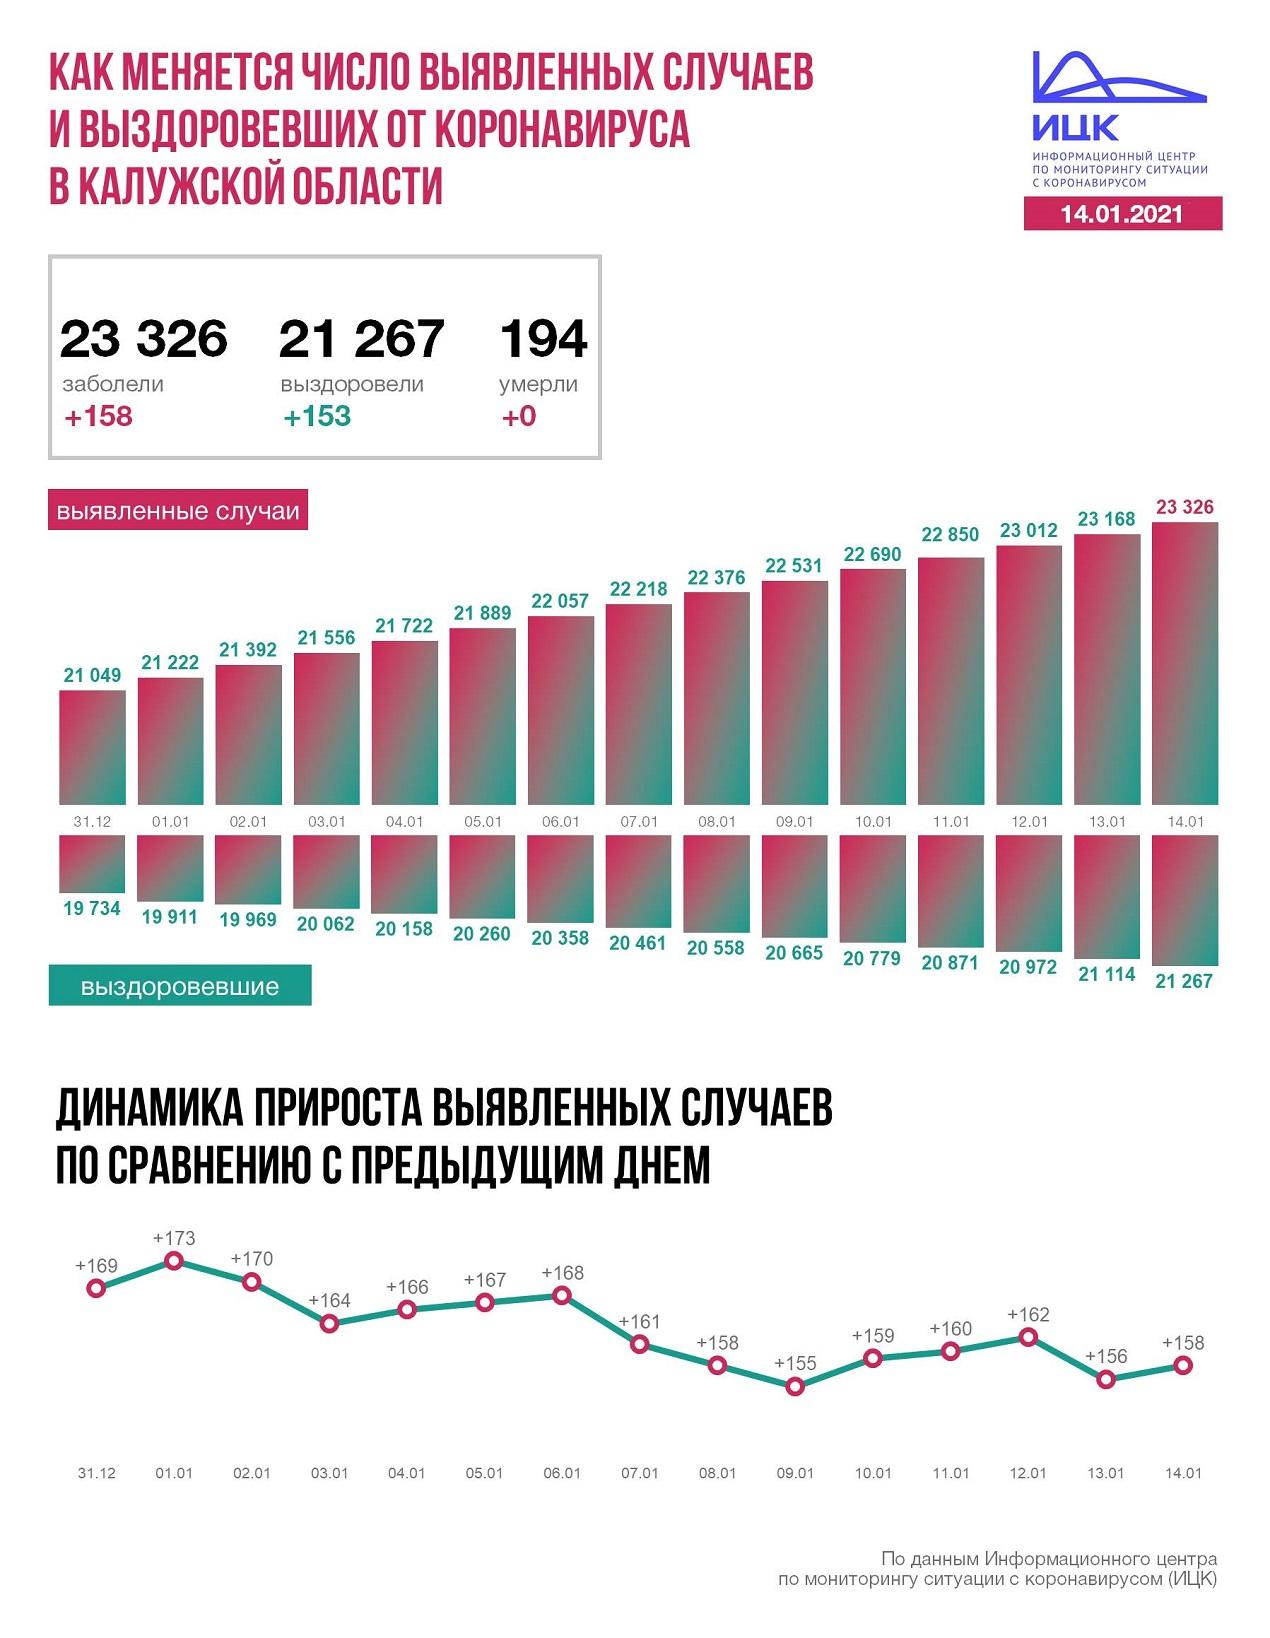 Официальные данные по коронавирусу в Калужской области на 14 января 2021 года.